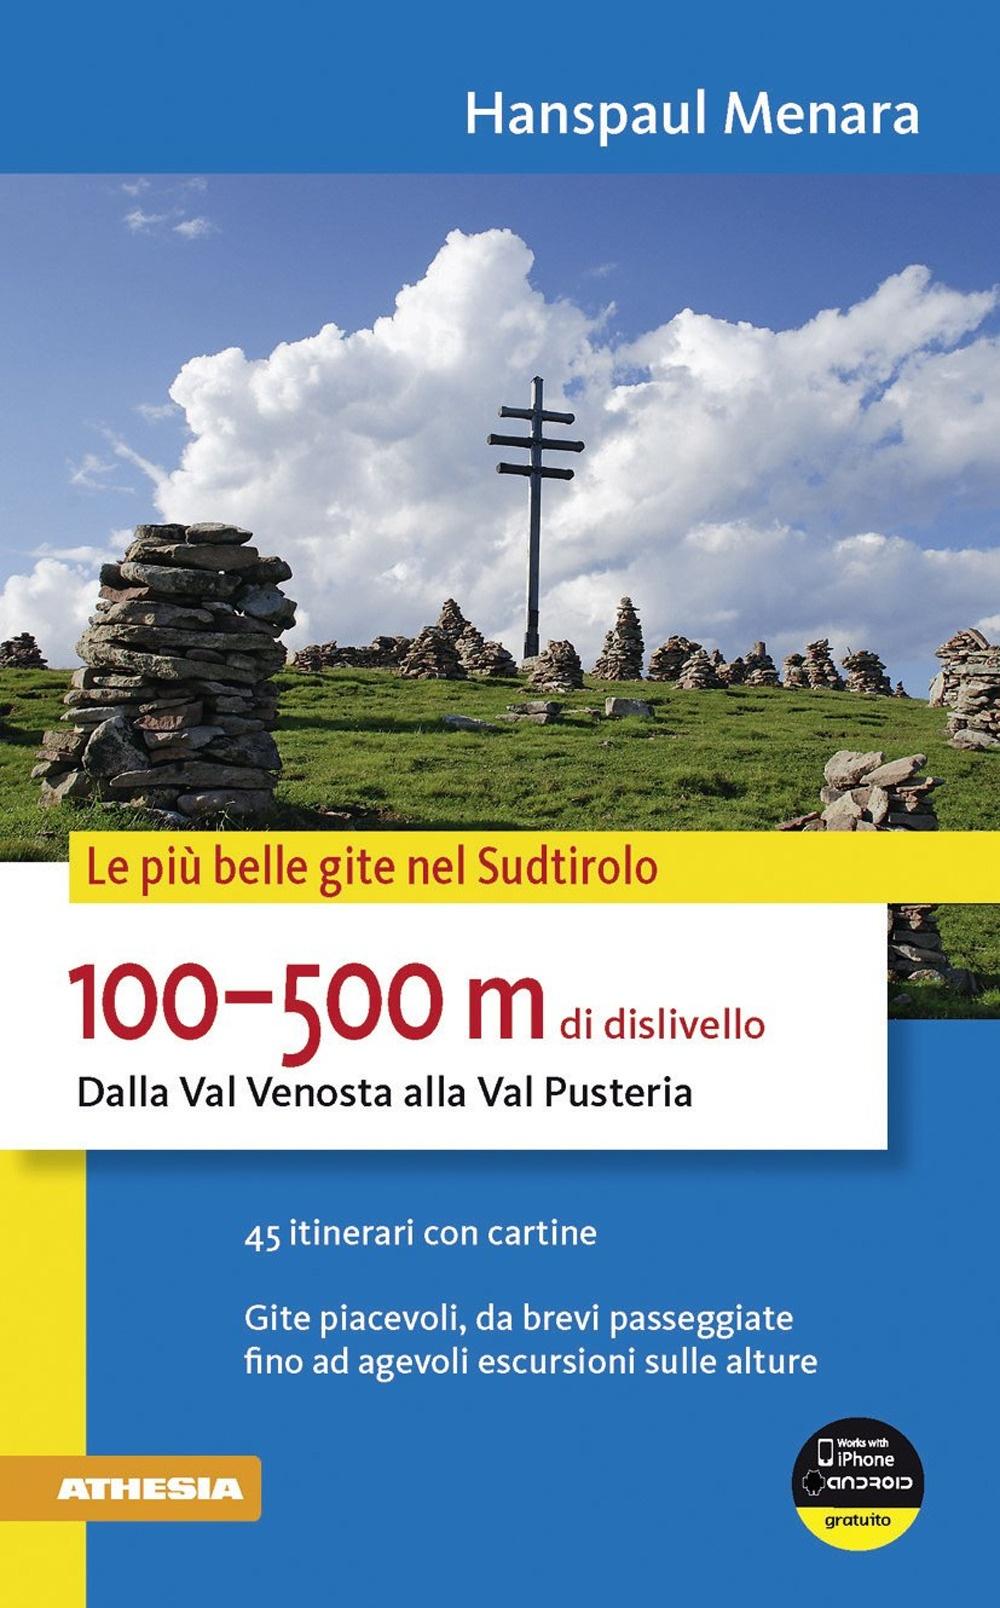 100-500 m di dislivello dalla Val Venosta alla Val Pusteria.